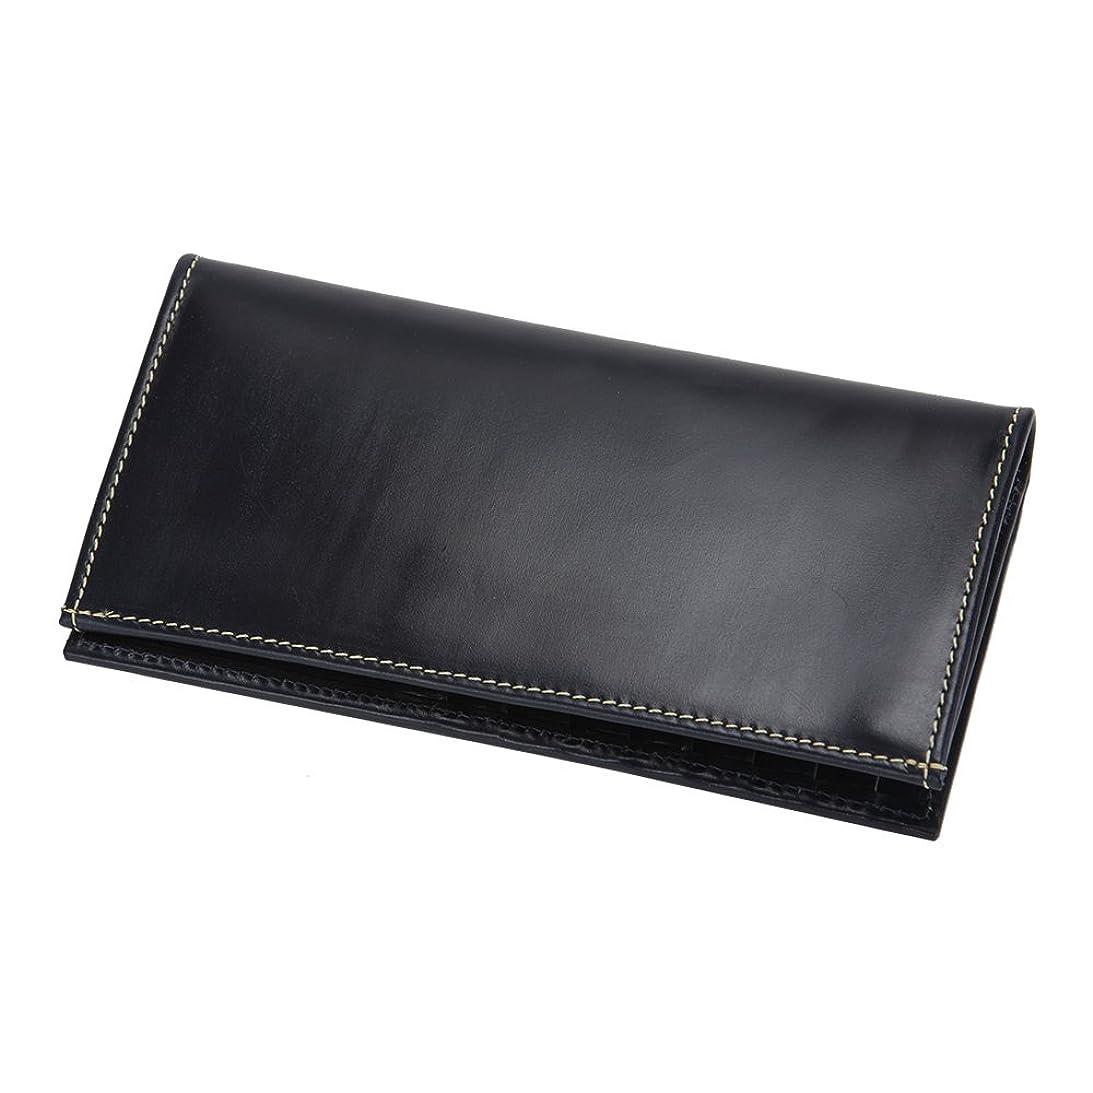 出口消費する派手[ ホワイトハウスコックス ] Whitehouse Cox Fold Tab Purse Navy ネイビー S9697 財布 [並行輸入品]